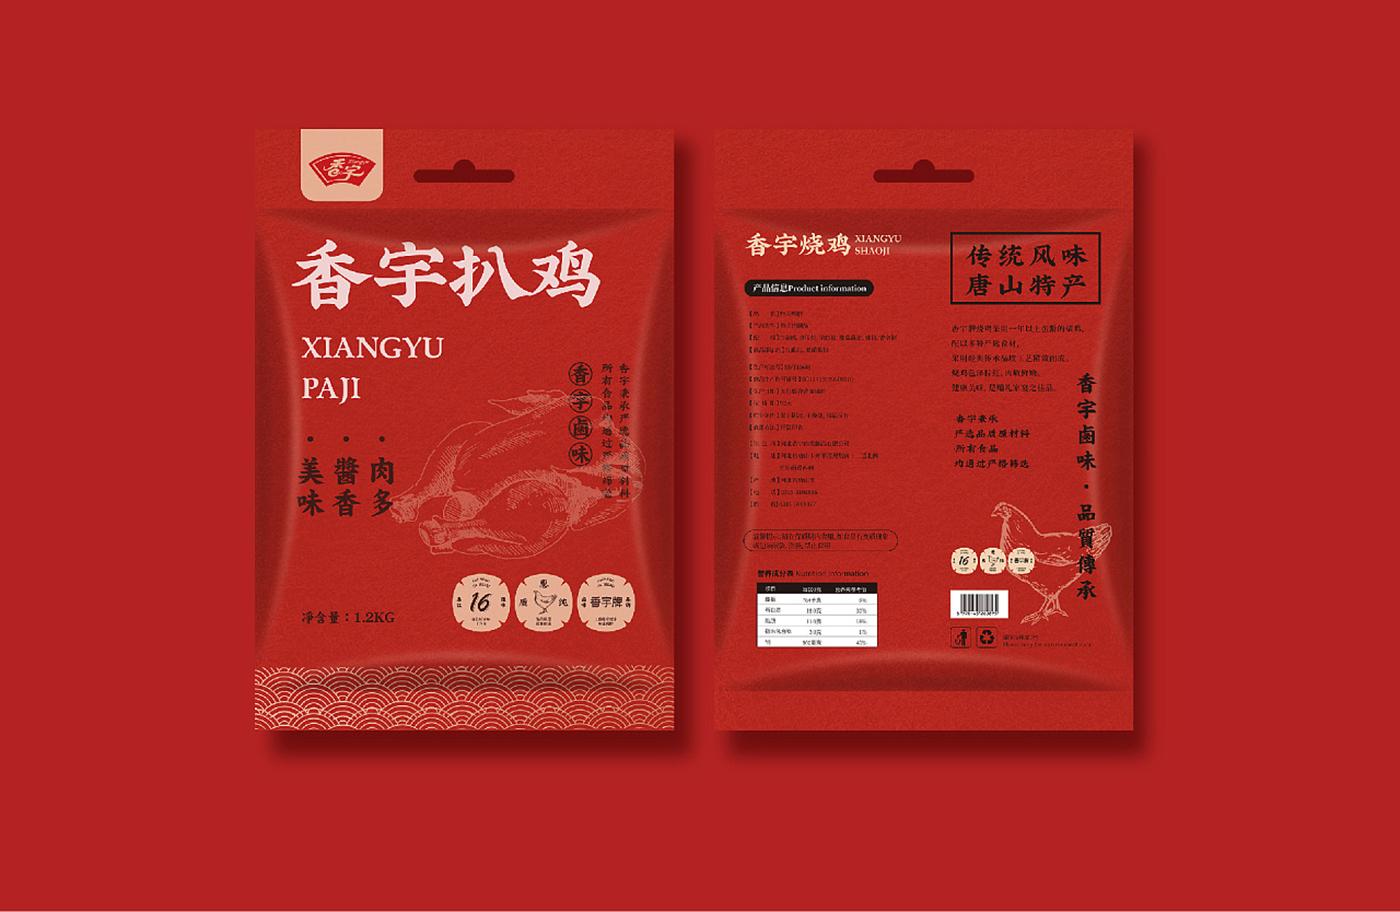 卤味熟食包装设计麻辣鸡鸭礼盒食品包装袋设计